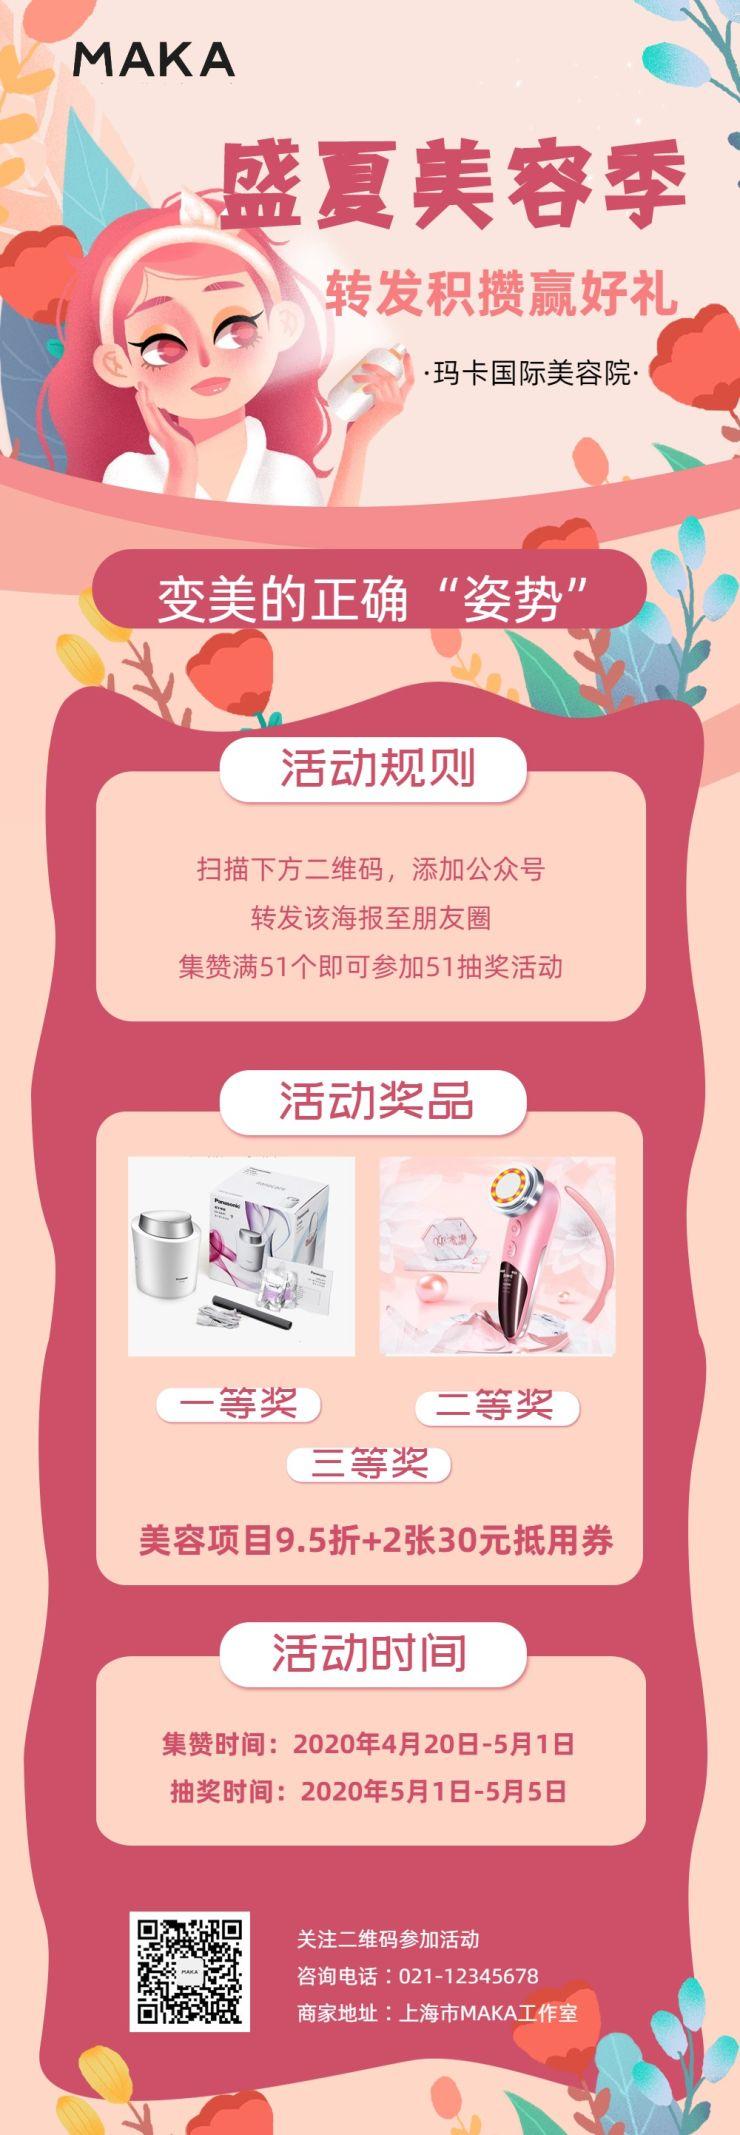 粉色卡通美容院积攒送礼促销宣传推广长图模板